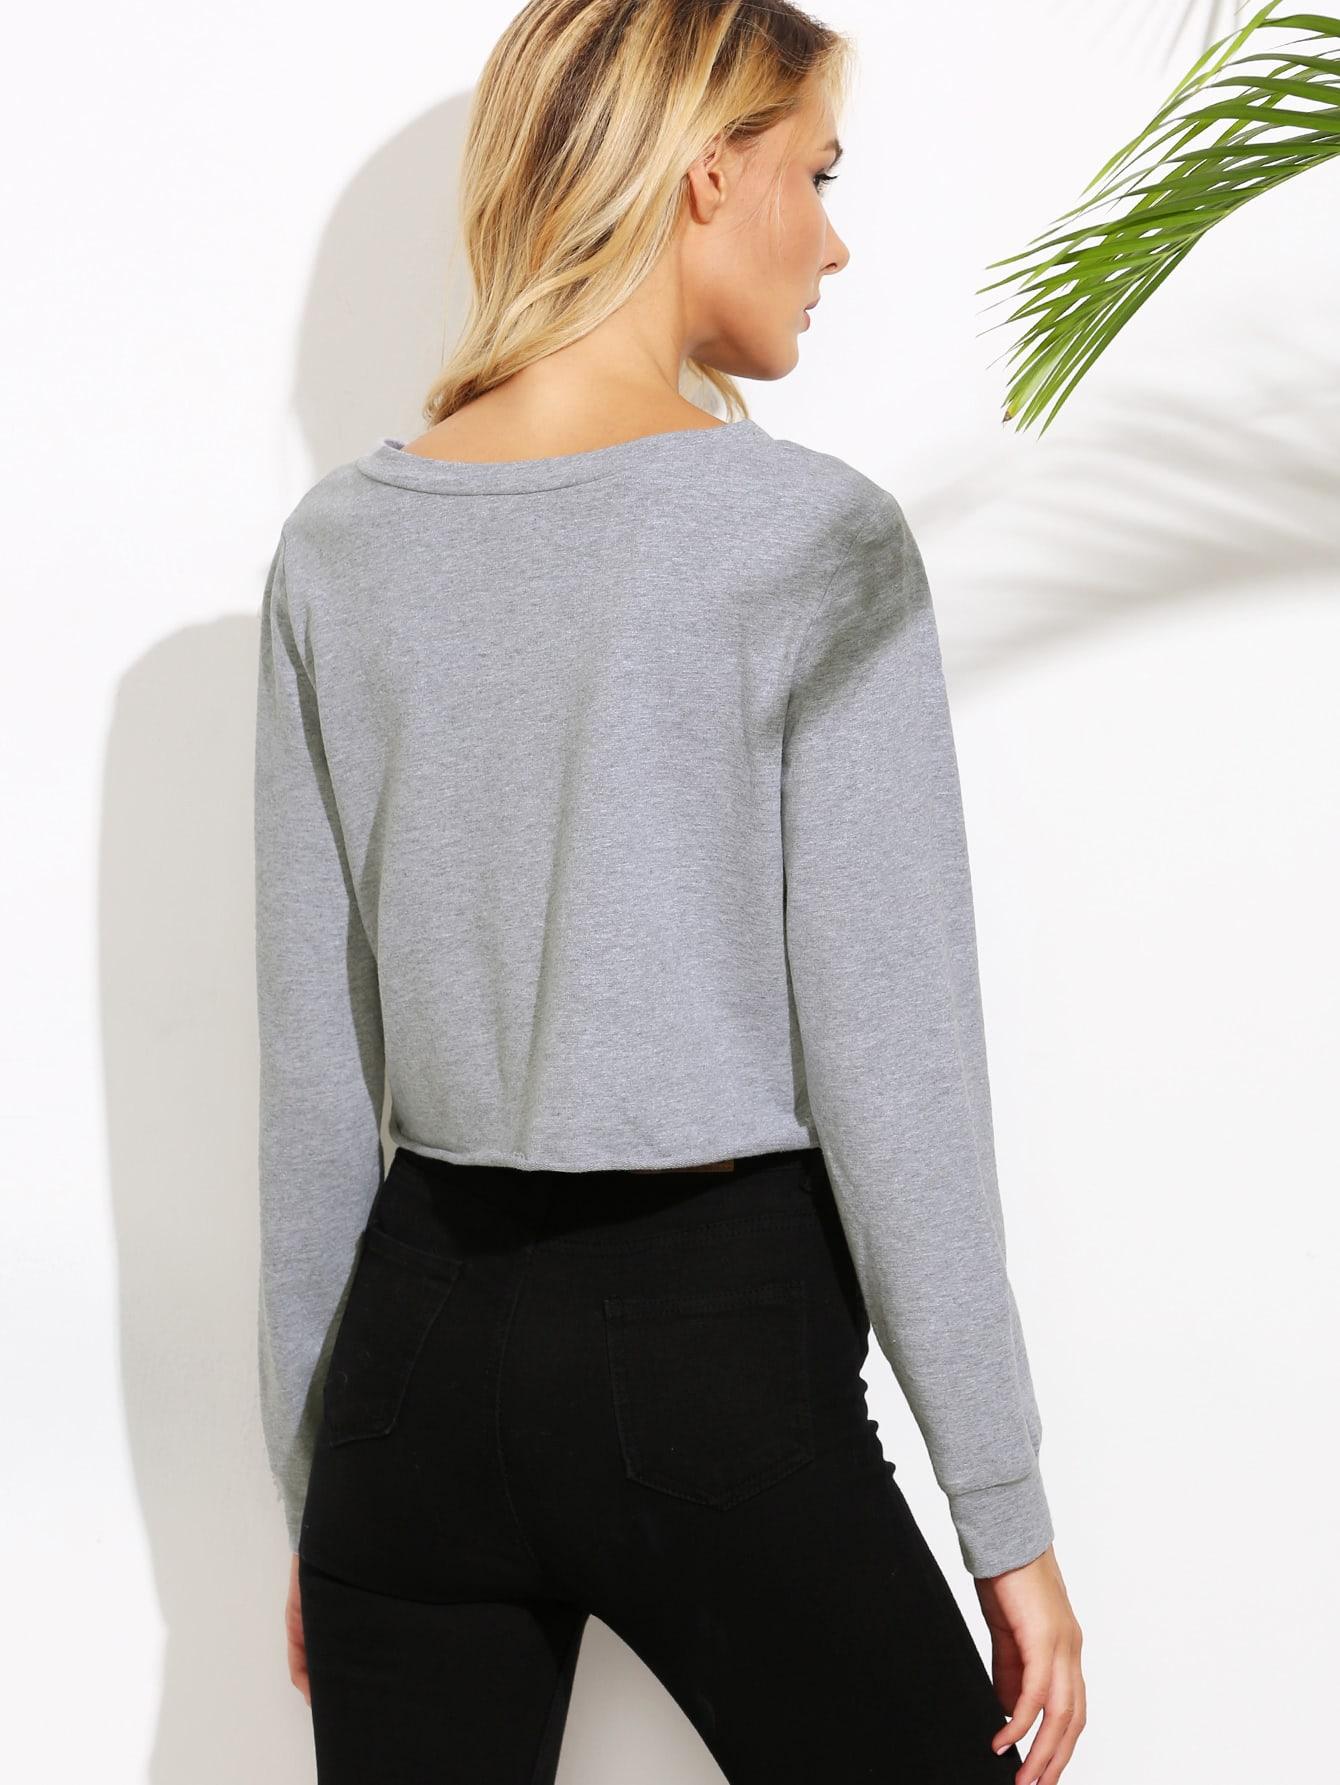 sweatshirt160831501_2